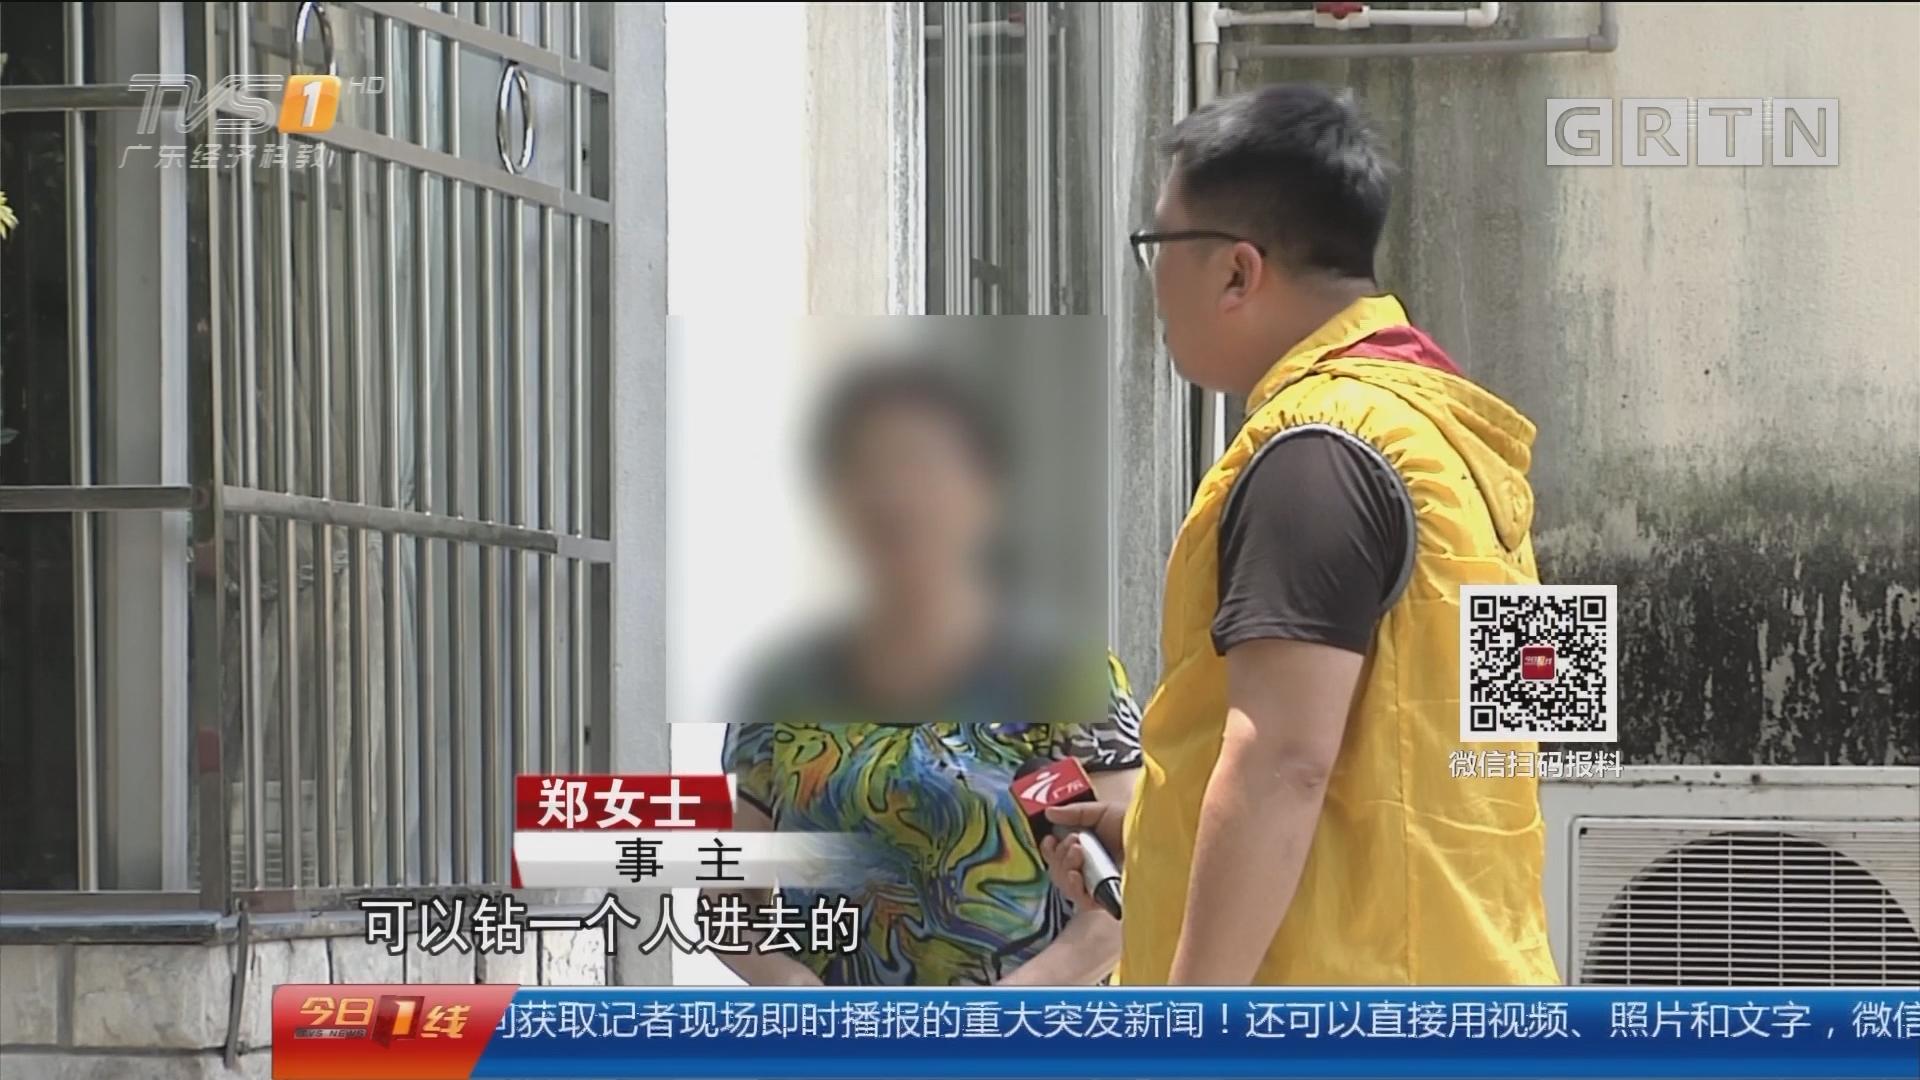 中山:猖狂盗窃留字条索要20万 不给炸房子?